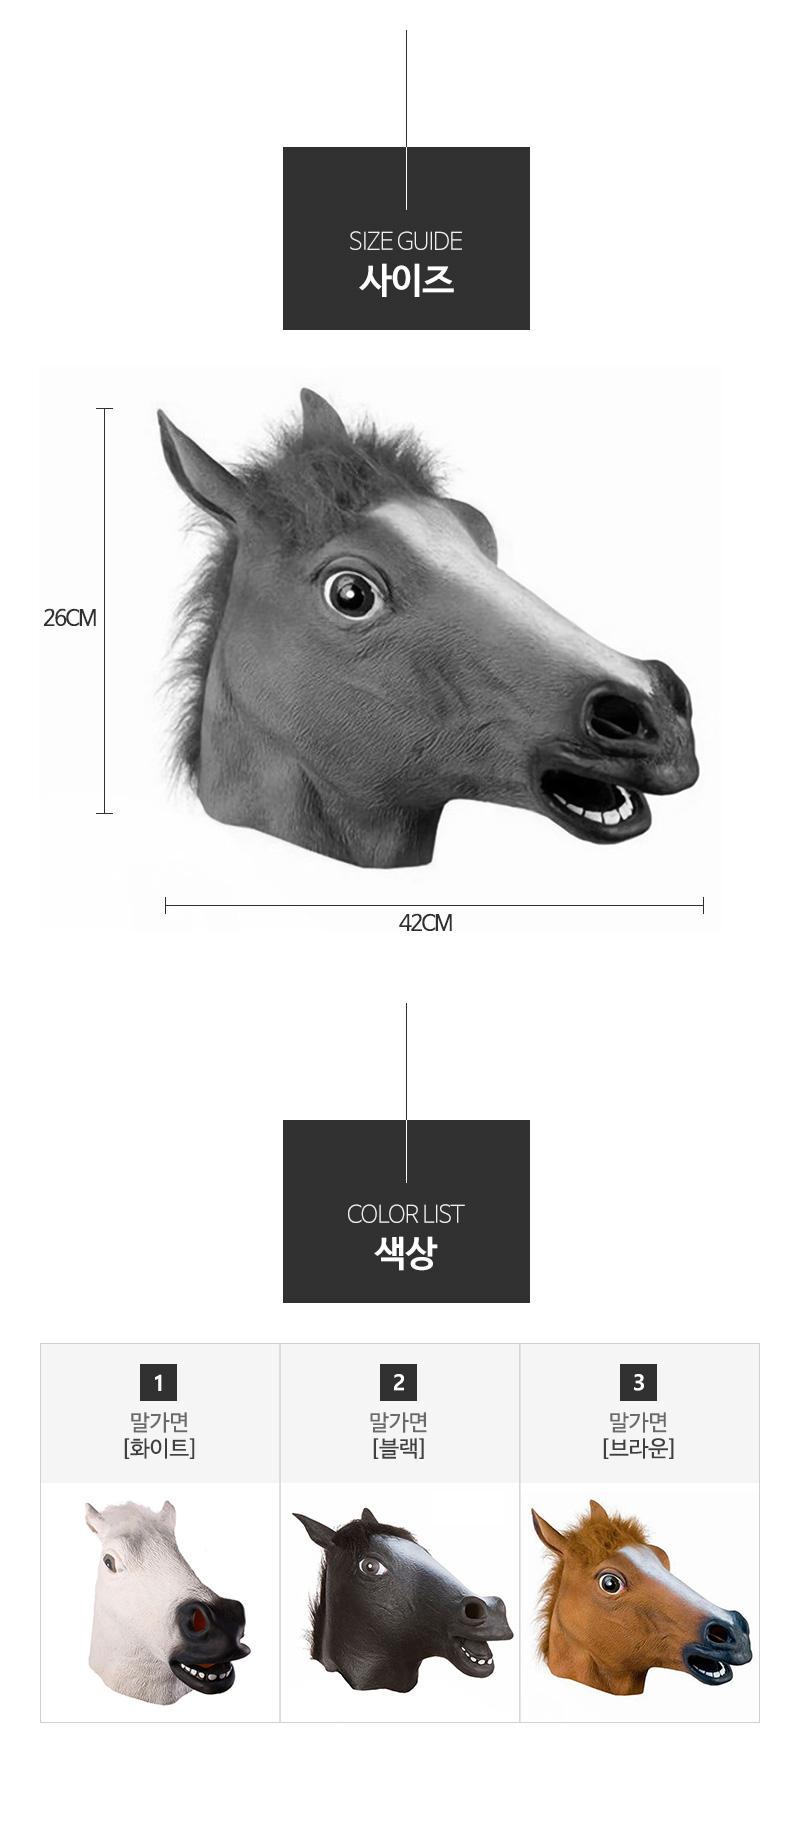 말가면 브라운 _partypang - 파티팡, 15,000원, 파티의상/잡화, 가면/안경